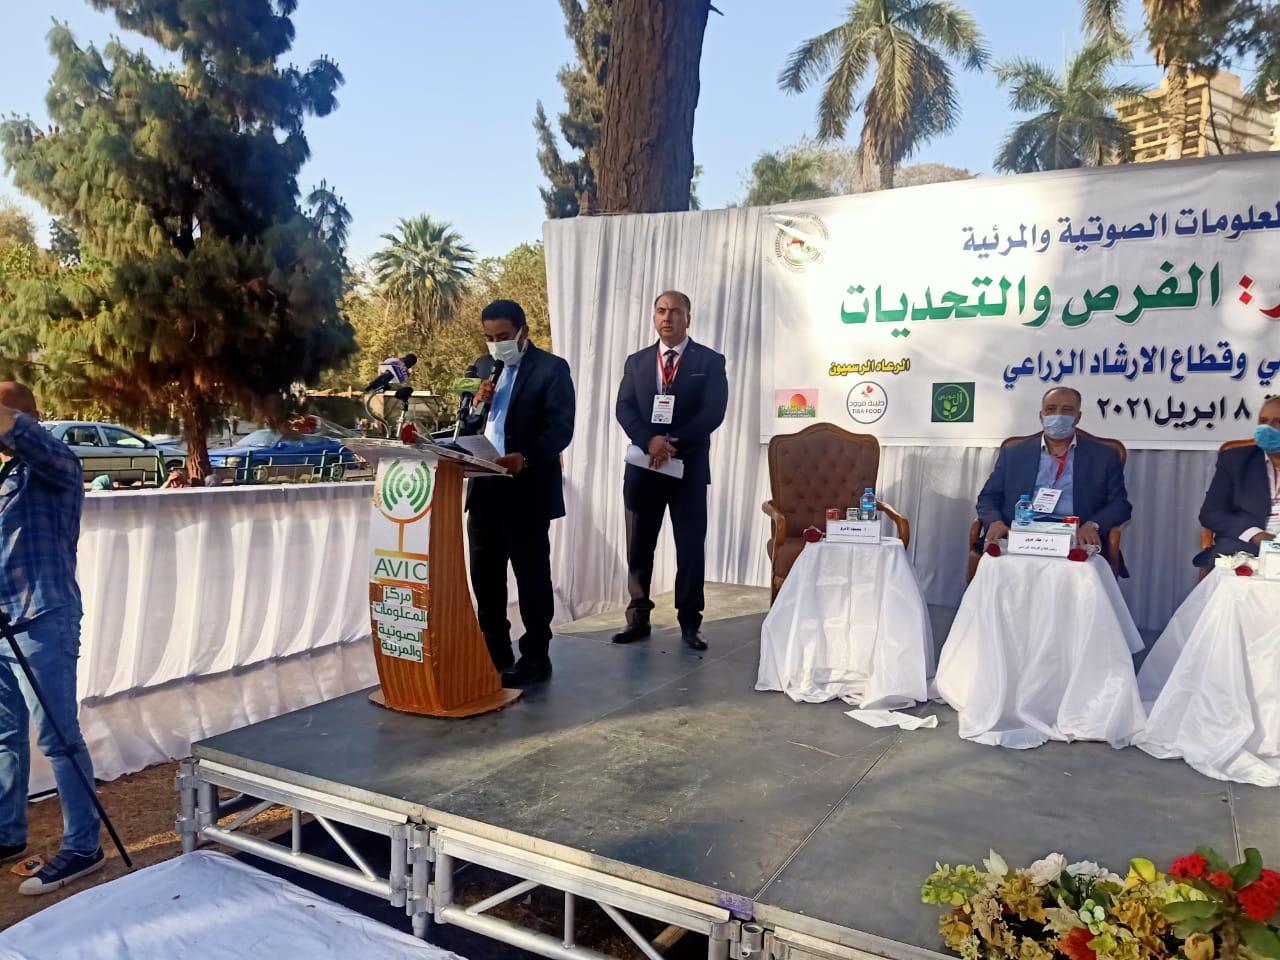 صناعة الزهور في مصر.. انطلاق المؤتمر السنوي الأول لمركز المعلومات الصوتية والمرئية